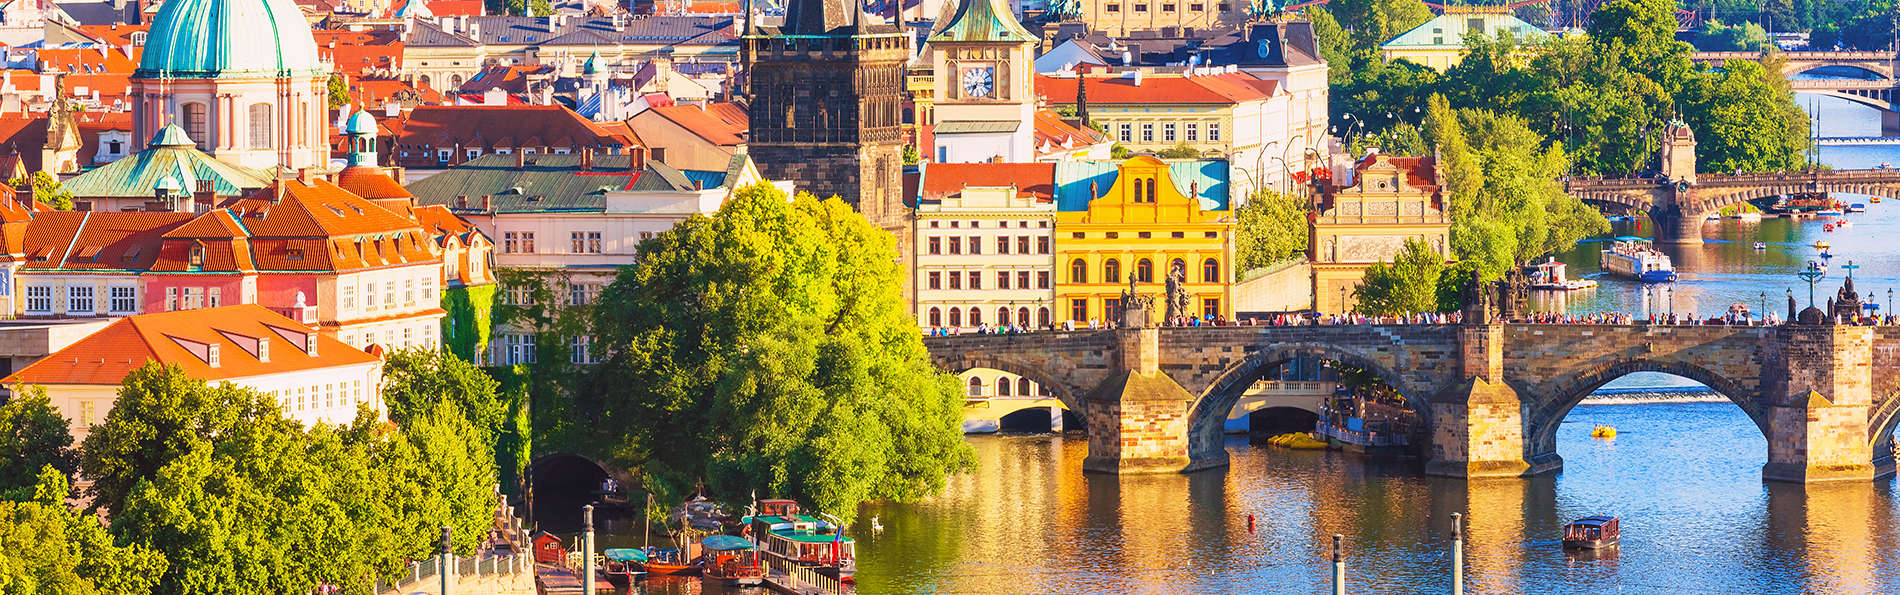 Descubre el corazón de Praga desde un hotel de lujo